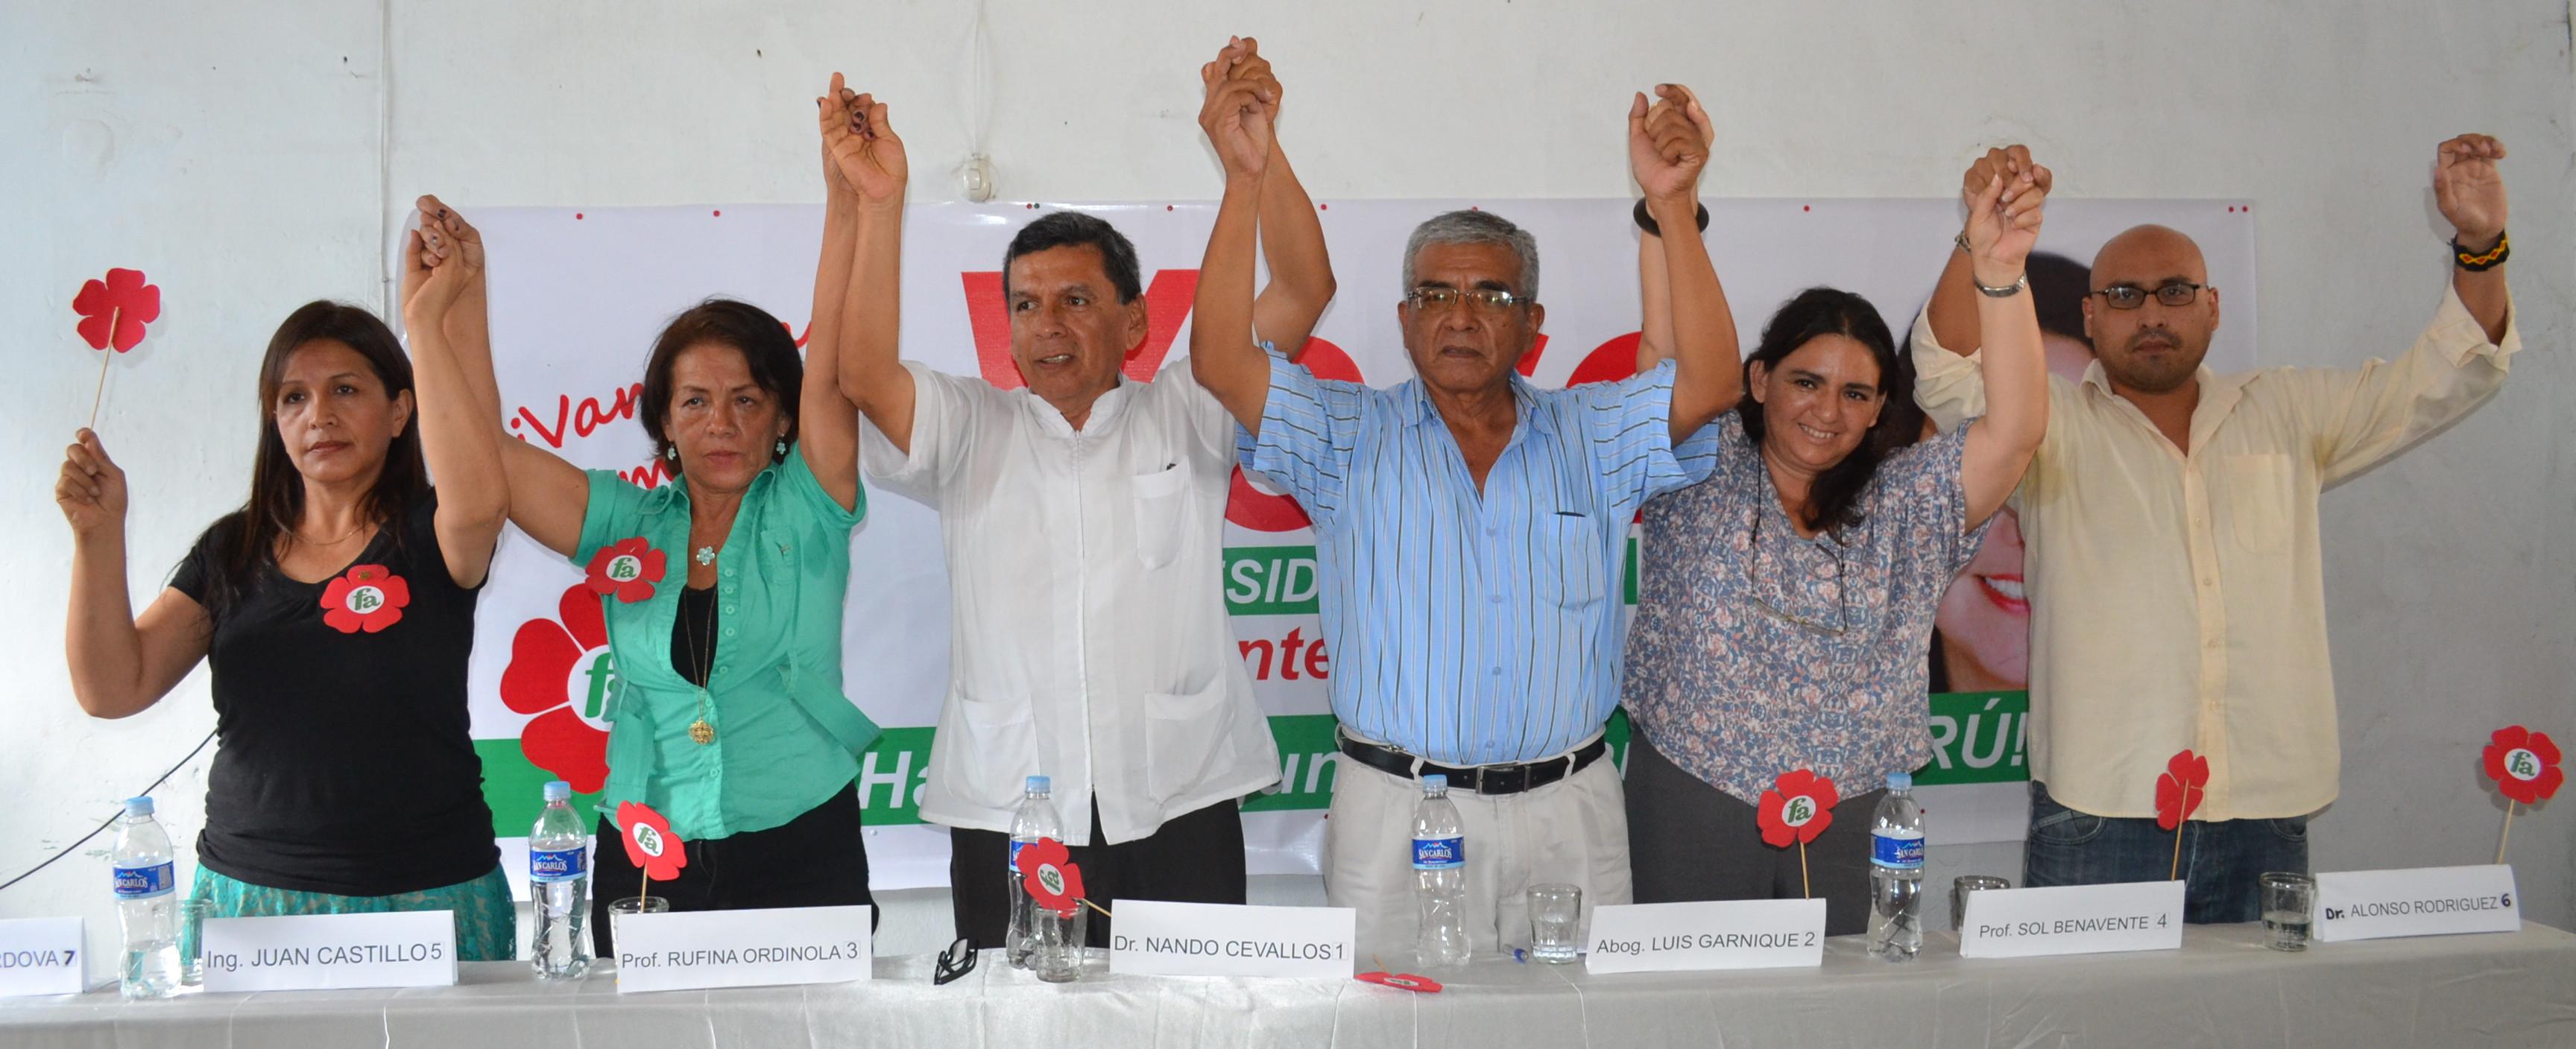 Frente Amplio: candidatos al congreso por Piura.